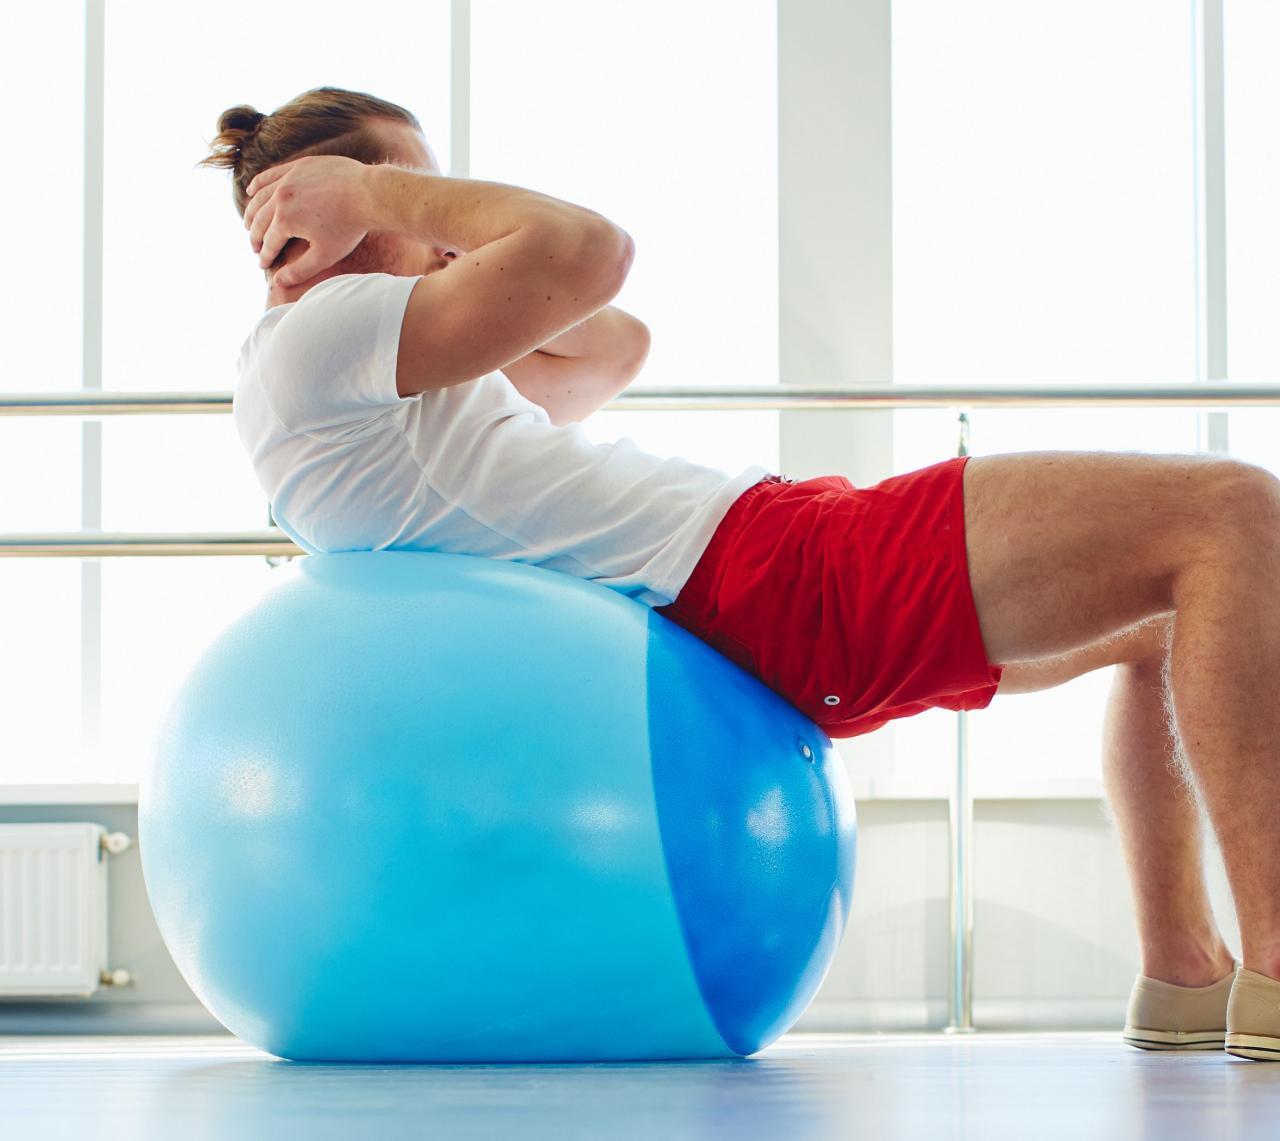 L'esercizio di Kegel può prevenire l'eiaculazione precoce?